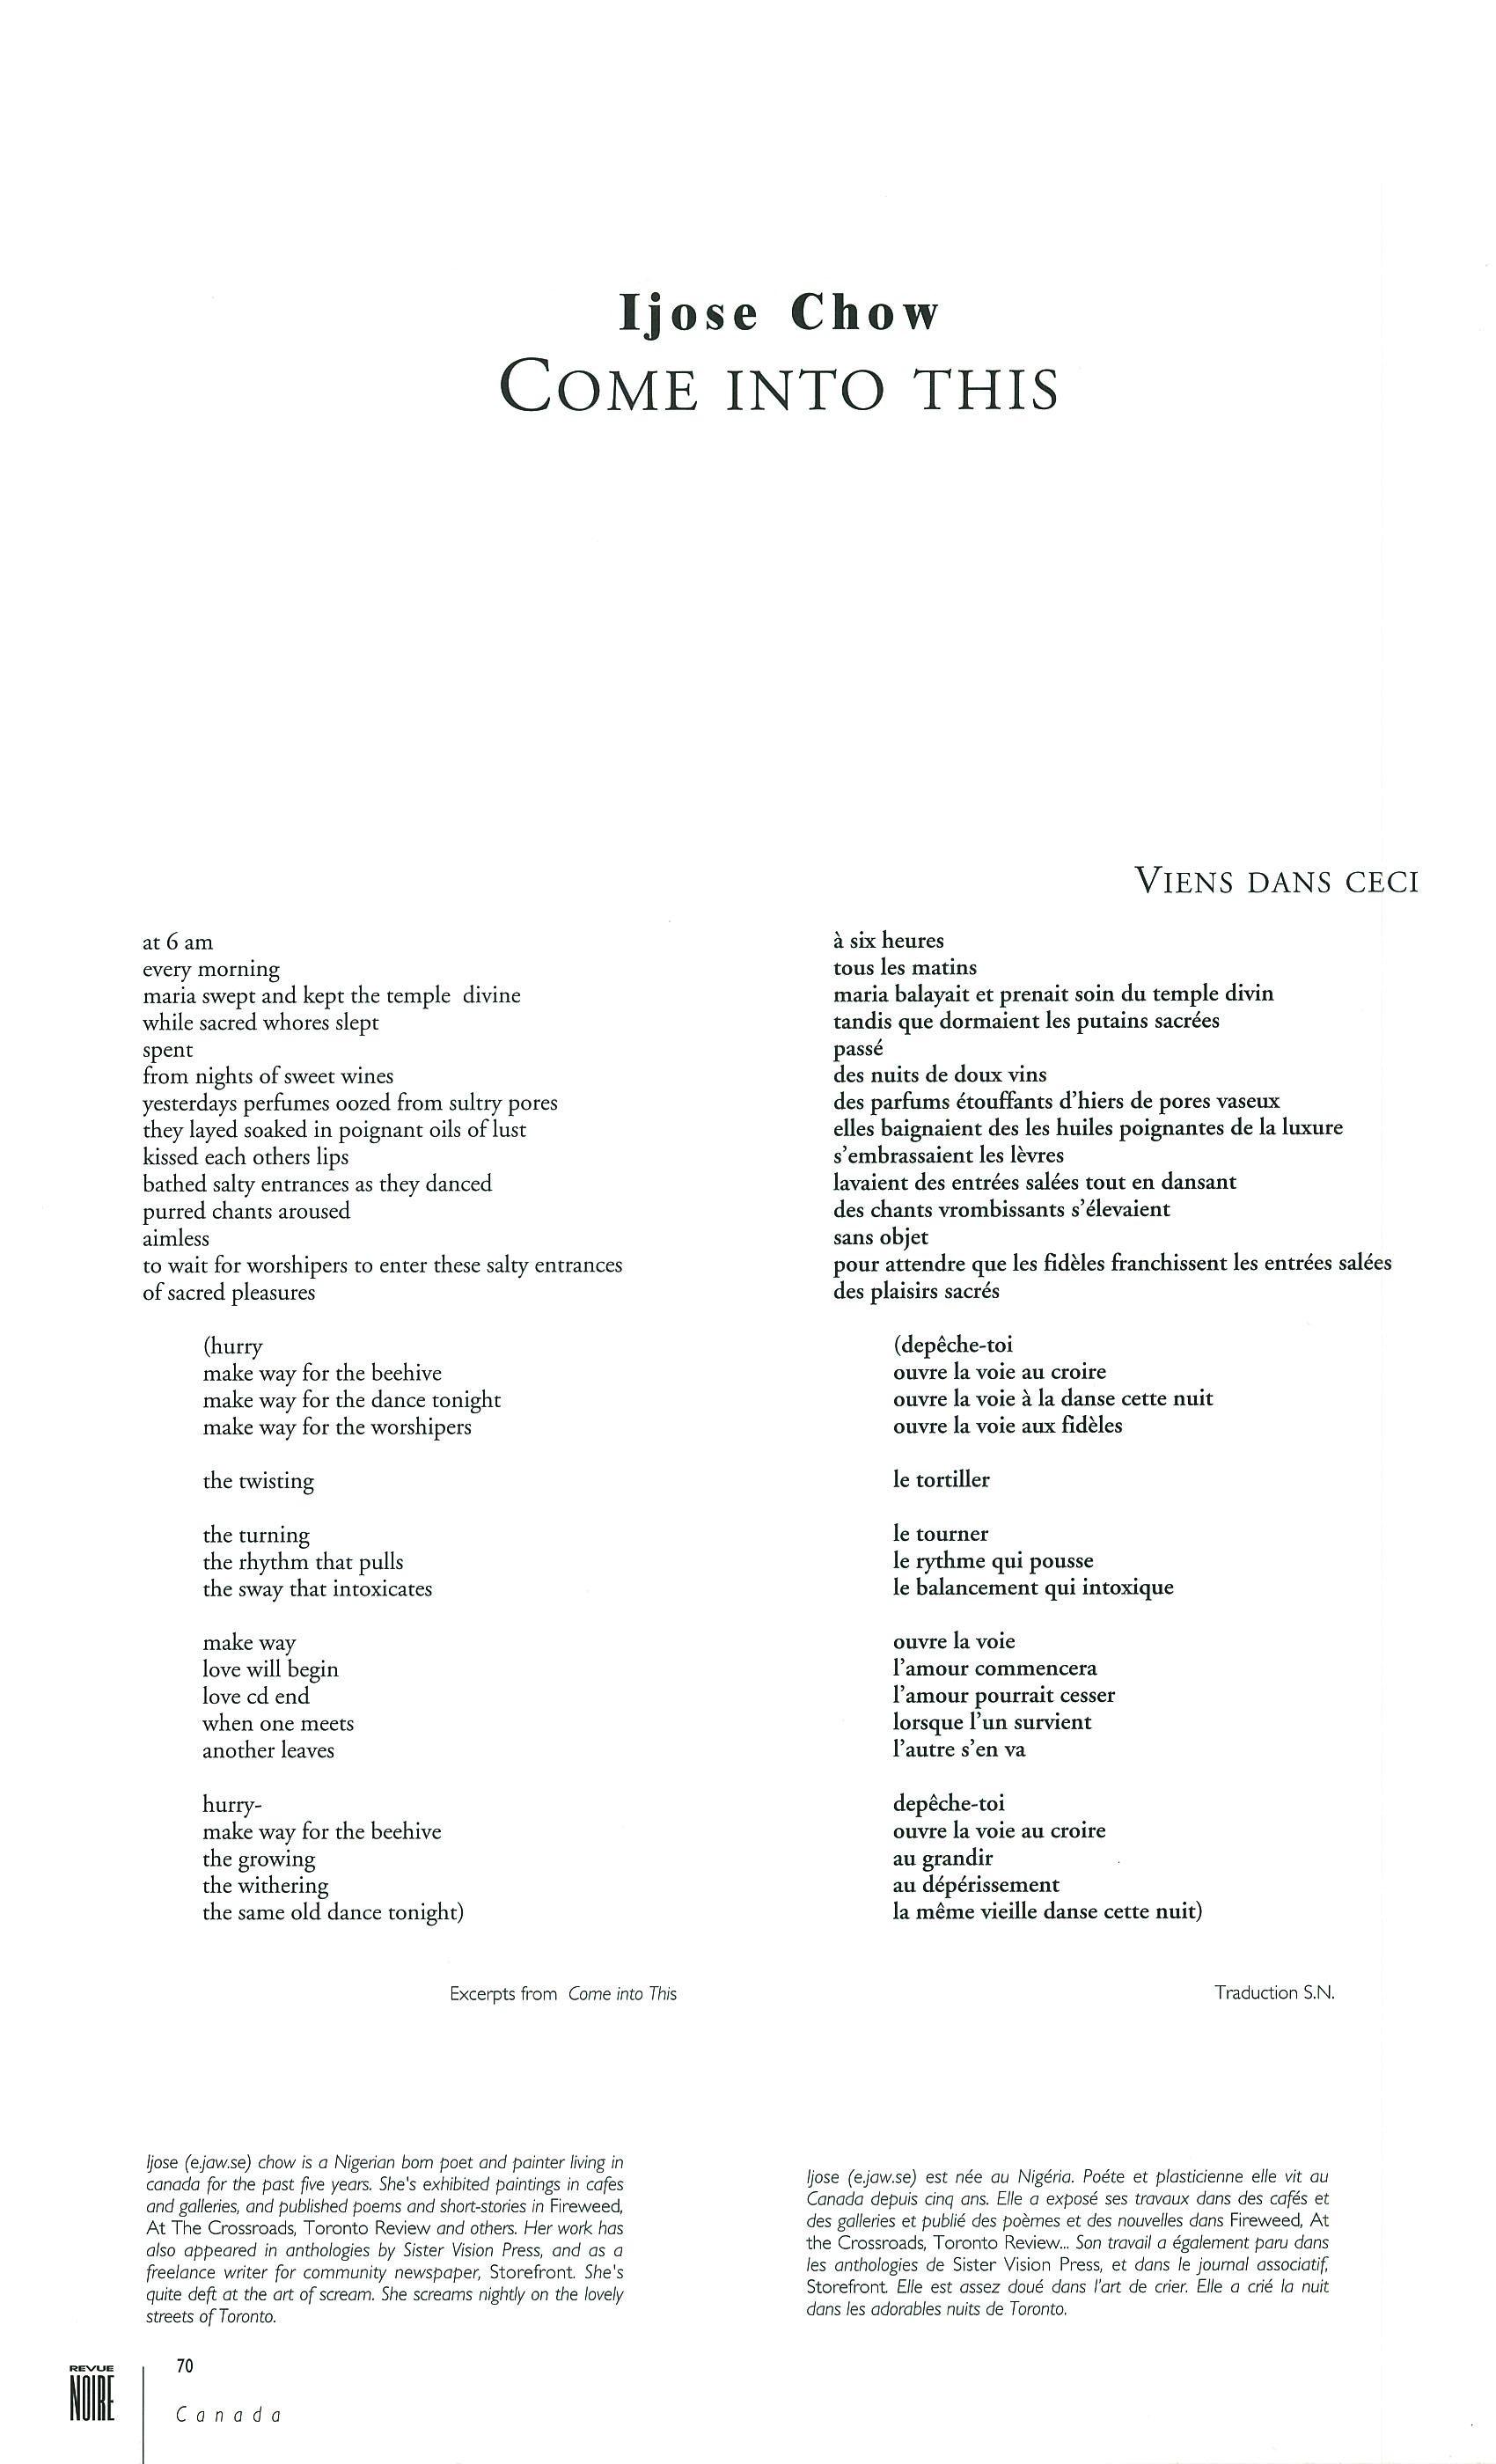 2. Revue Noire book_Page_073